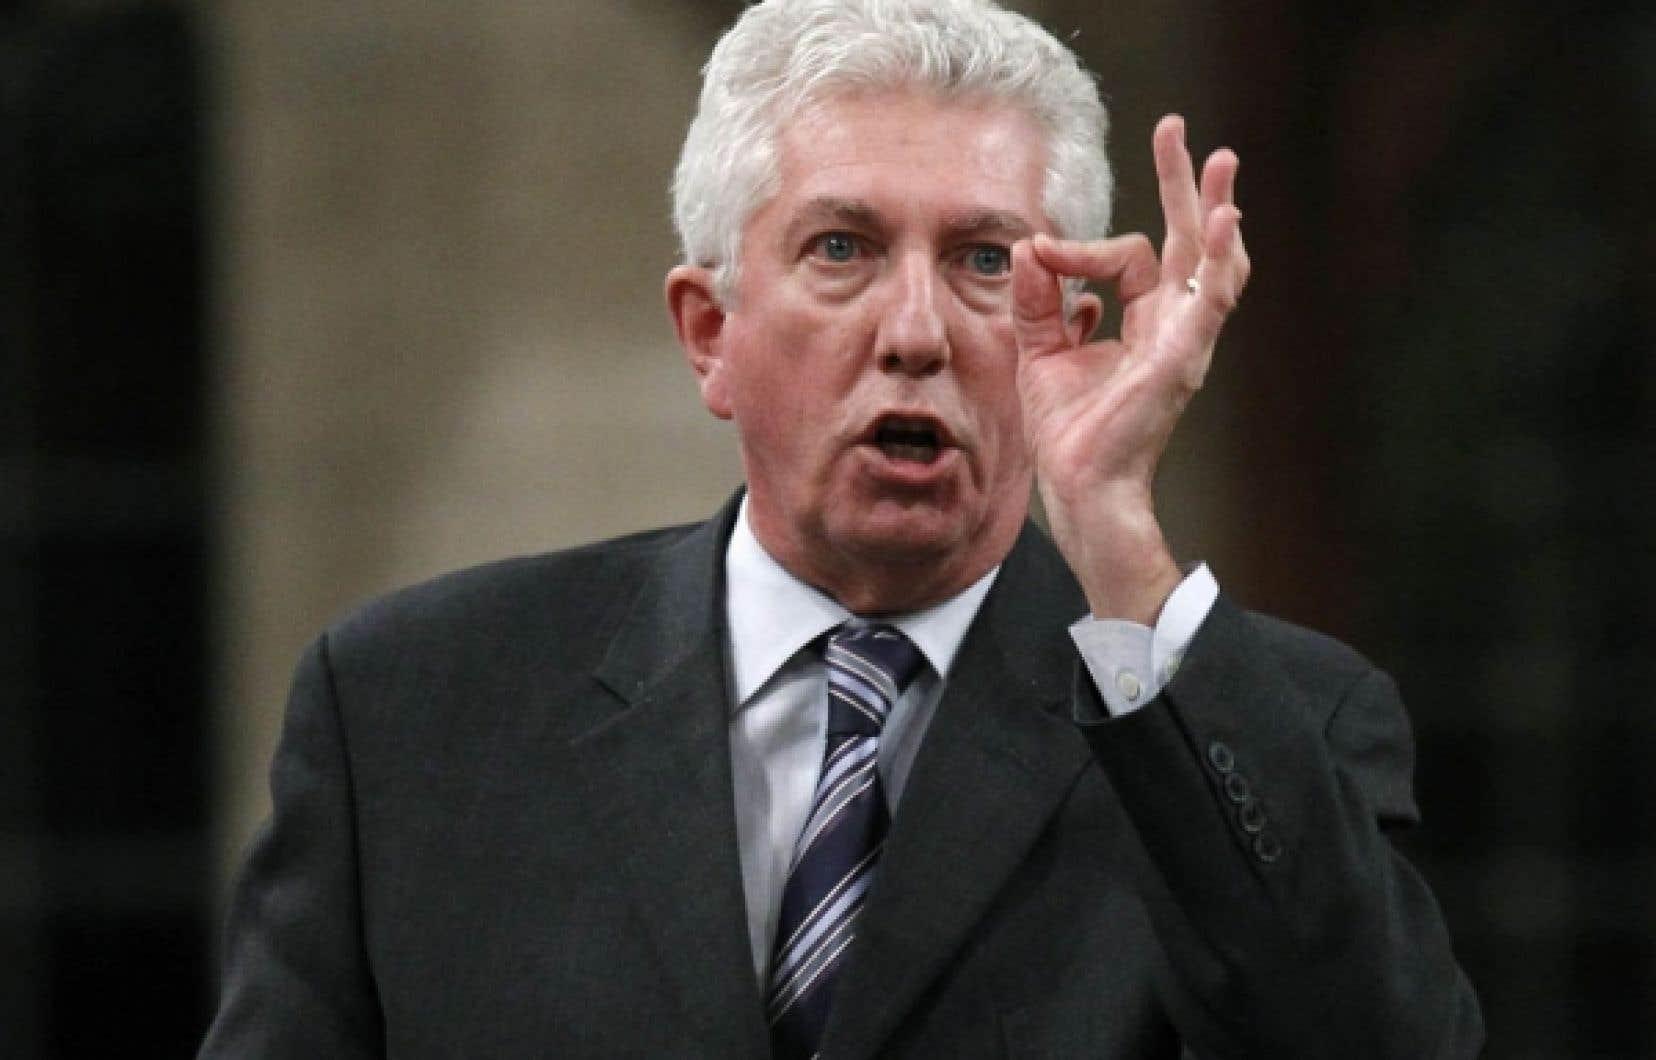 L'opposition accuse Bev Oda de leur avoir «menti» et d'avoir «trafiqué» un document gouvernemental. «Le premier ministre va-t-il démettre de ses fonctions la ministre de la Coopération internationale pour avoir induit la Chambre en erreur?», a demandé le chef bloquiste, Gilles Duceppe.